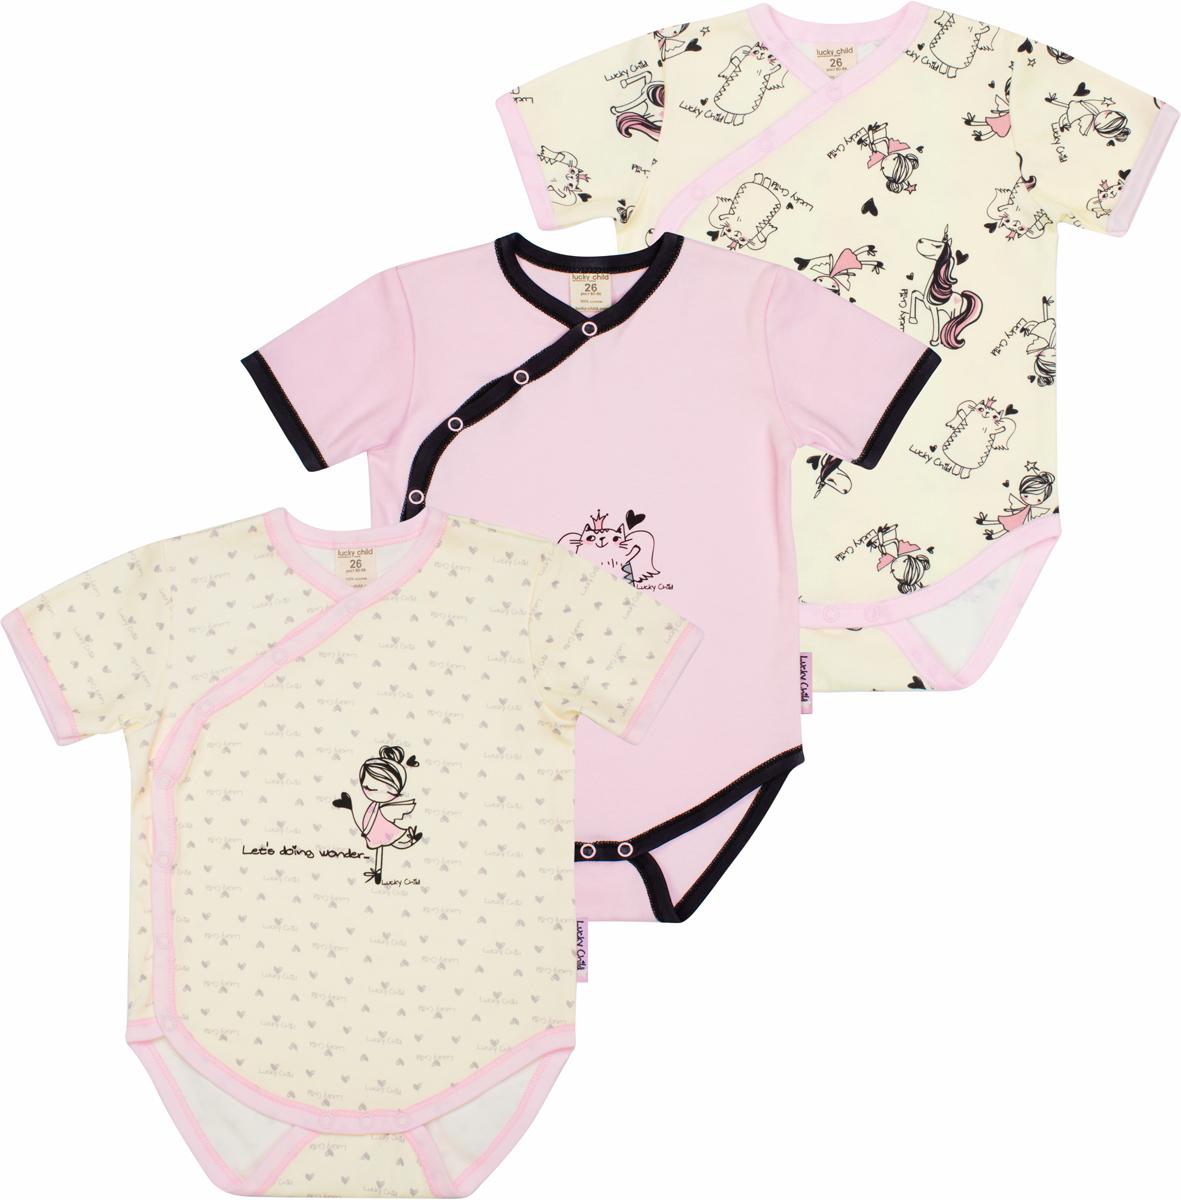 Боди детское Lucky Child, цвет: светло-бежевый, розовый, 3шт. 30-193. Размер 80/86 боди детское hudson baby hudson baby боди цыплёнок 3 шт бирюзово розовый